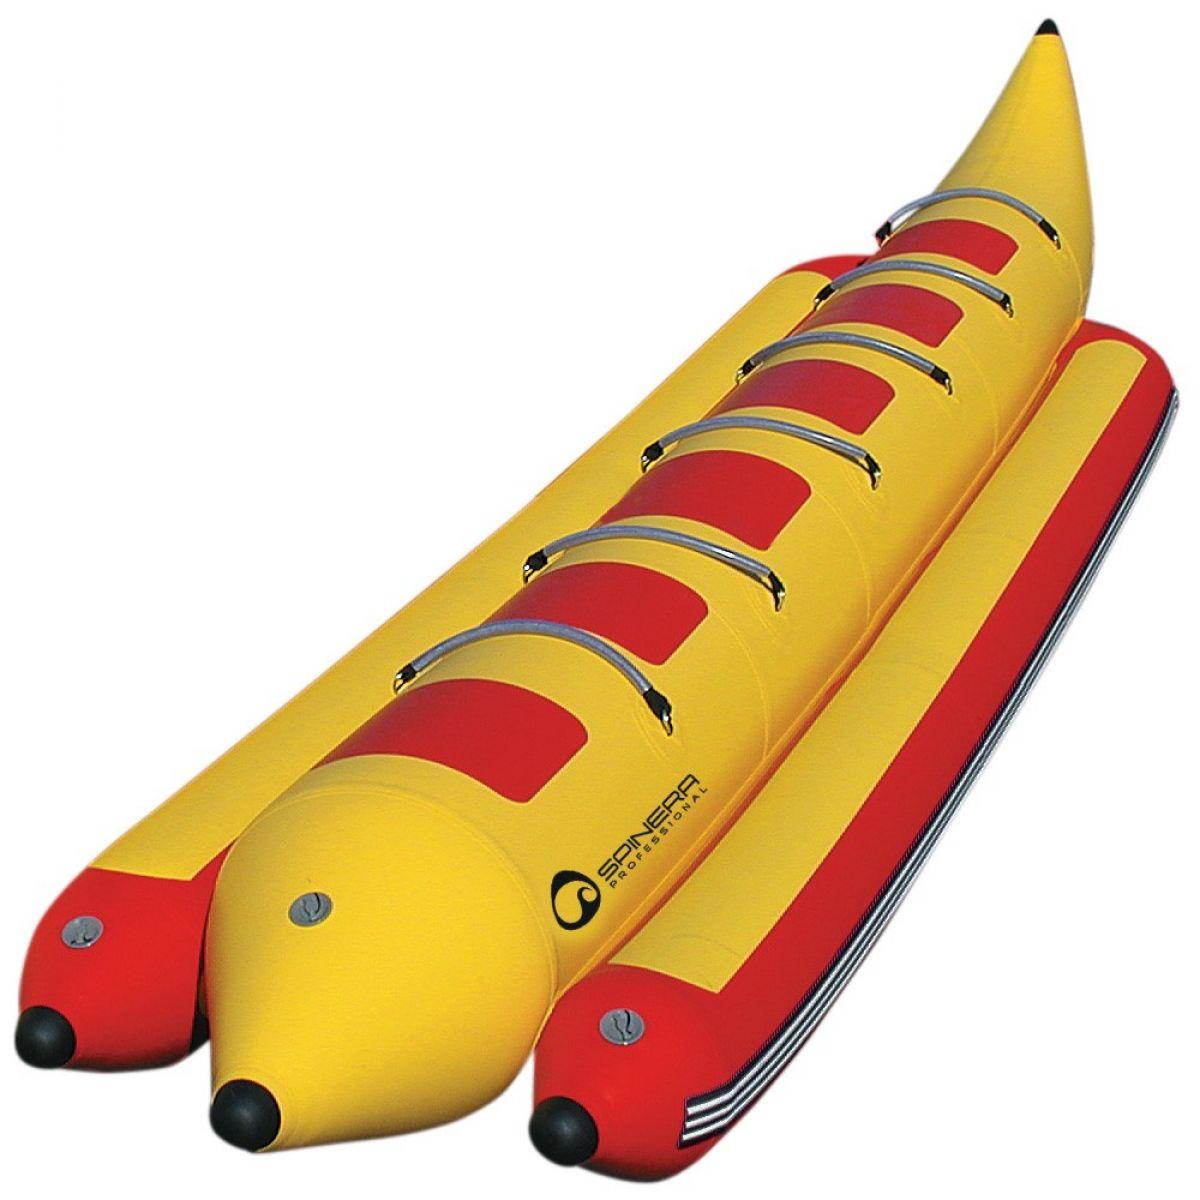 обычно поражает картинка водный банан оптимального обустройства помещения